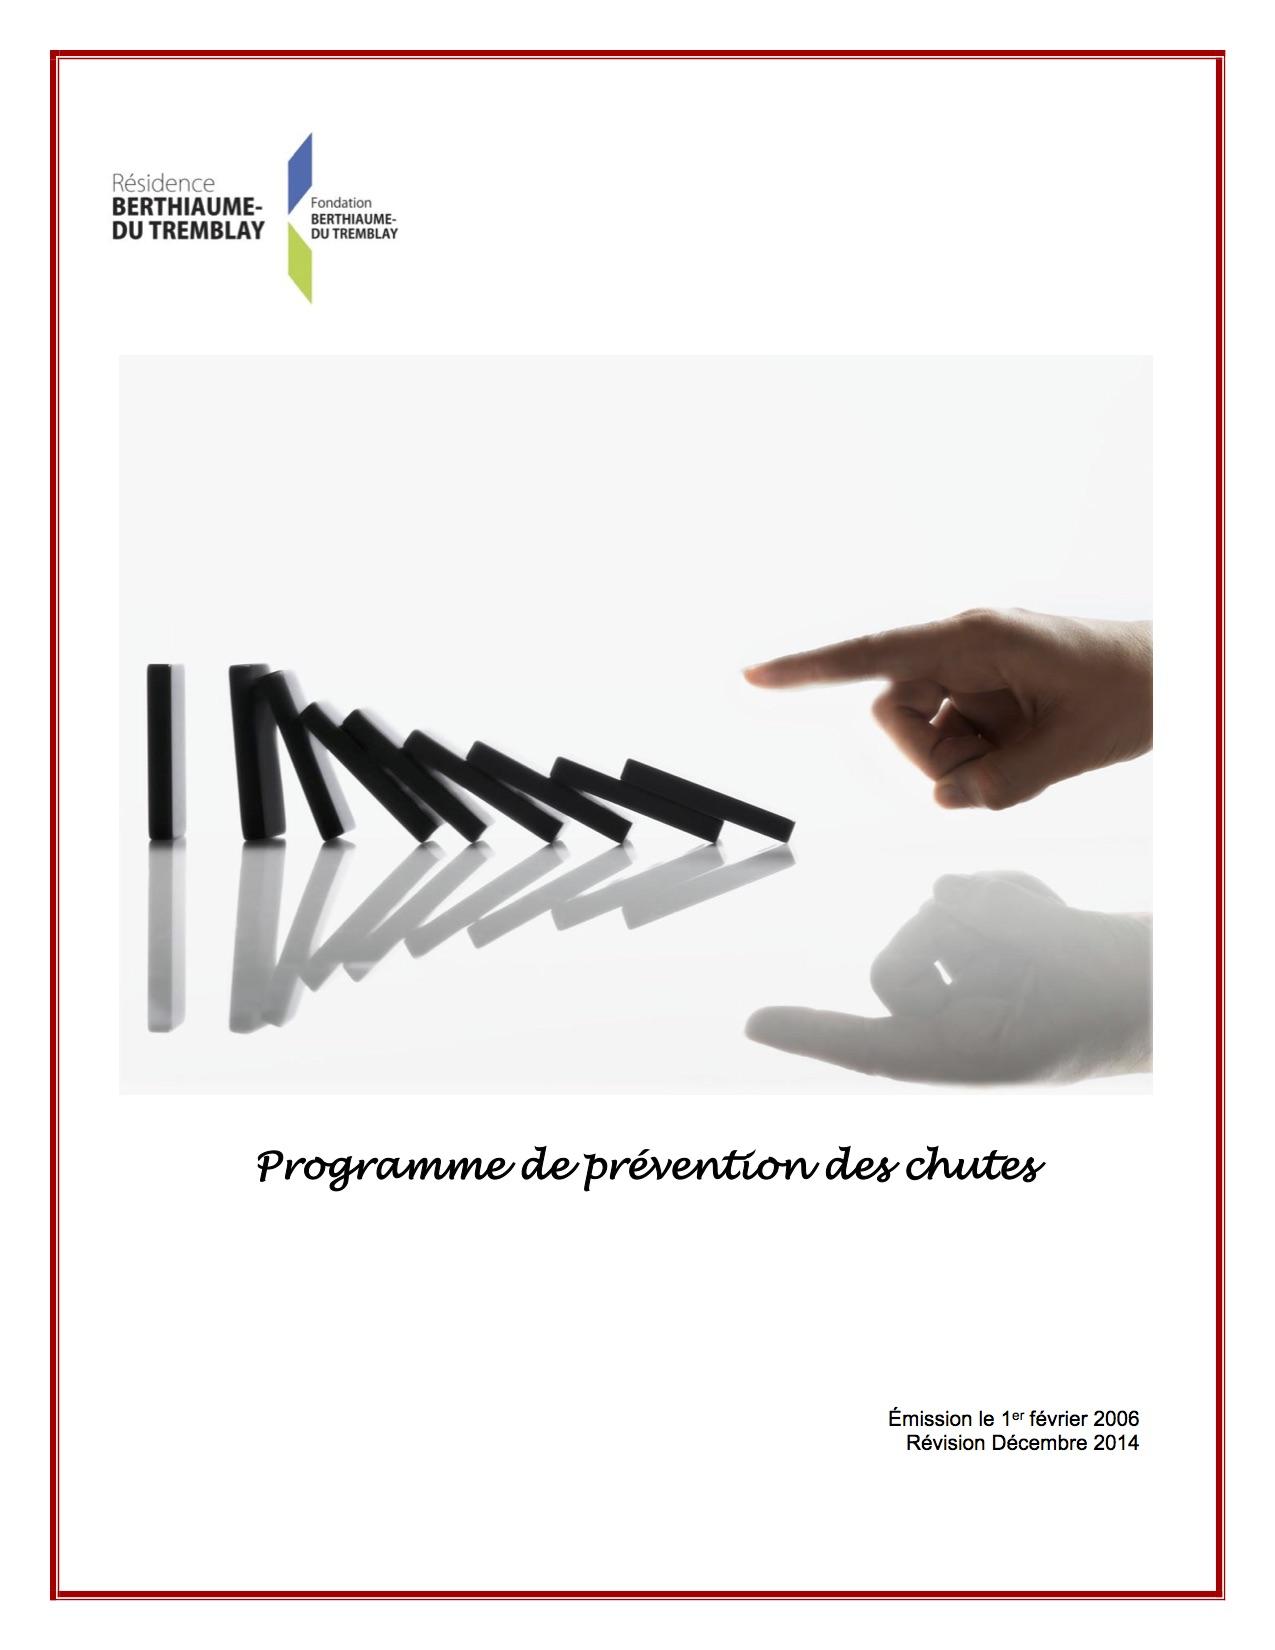 Programme de prévention des chutes Résidence Berthiaume-Du Tremblay